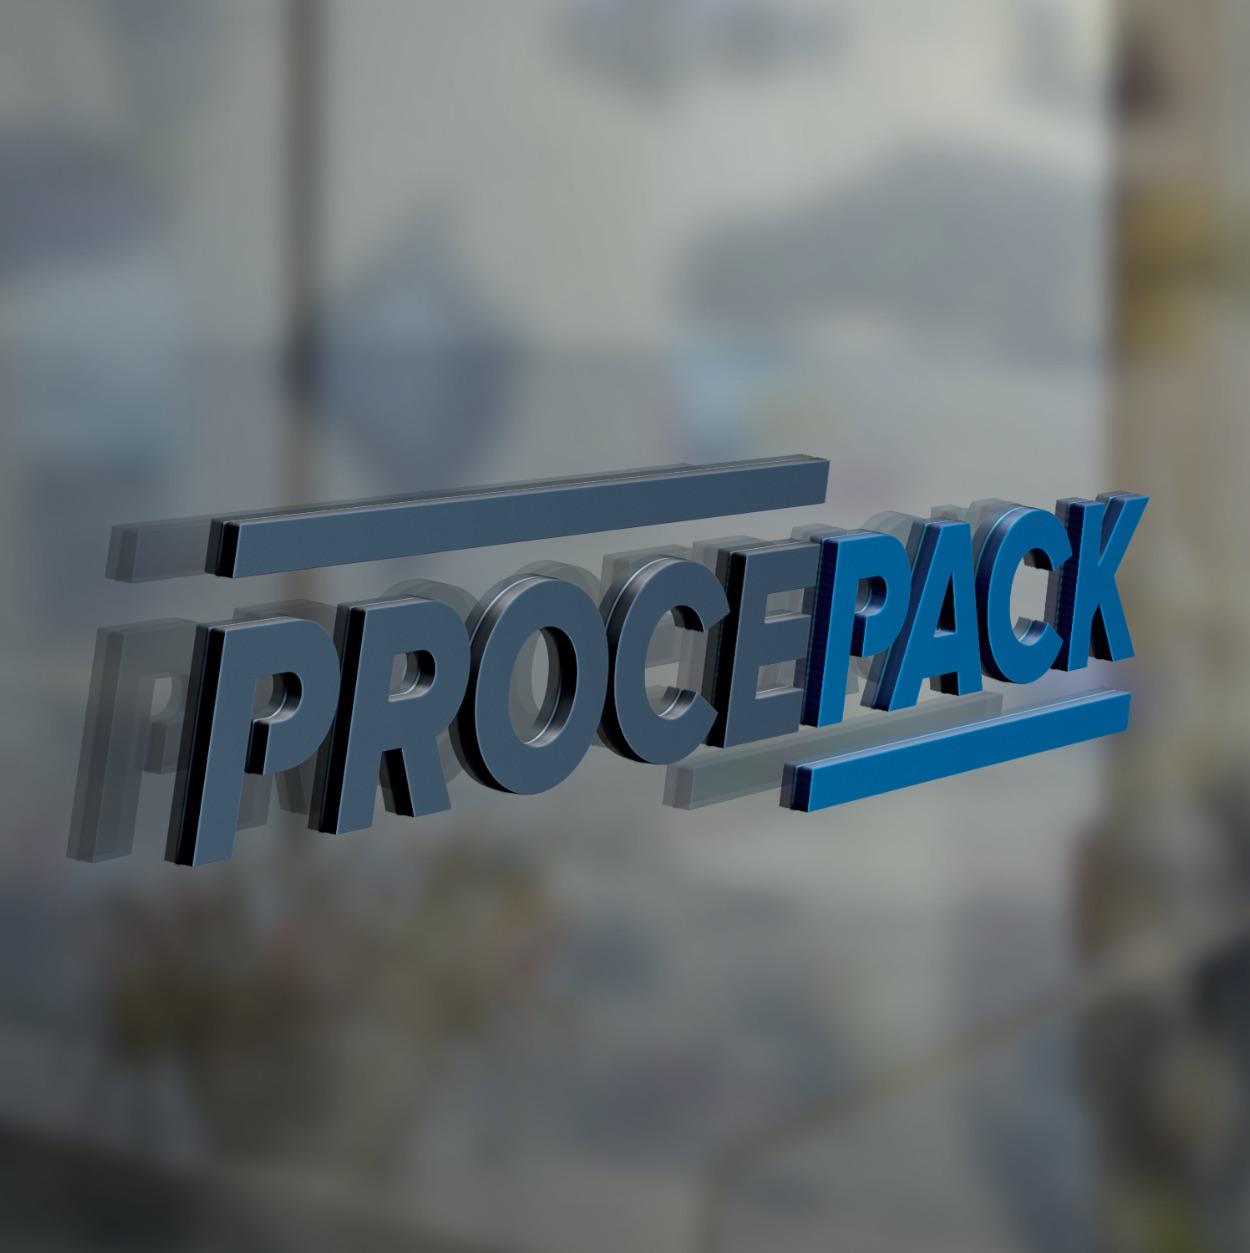 Procepack | Logo en application | Normes graphiques